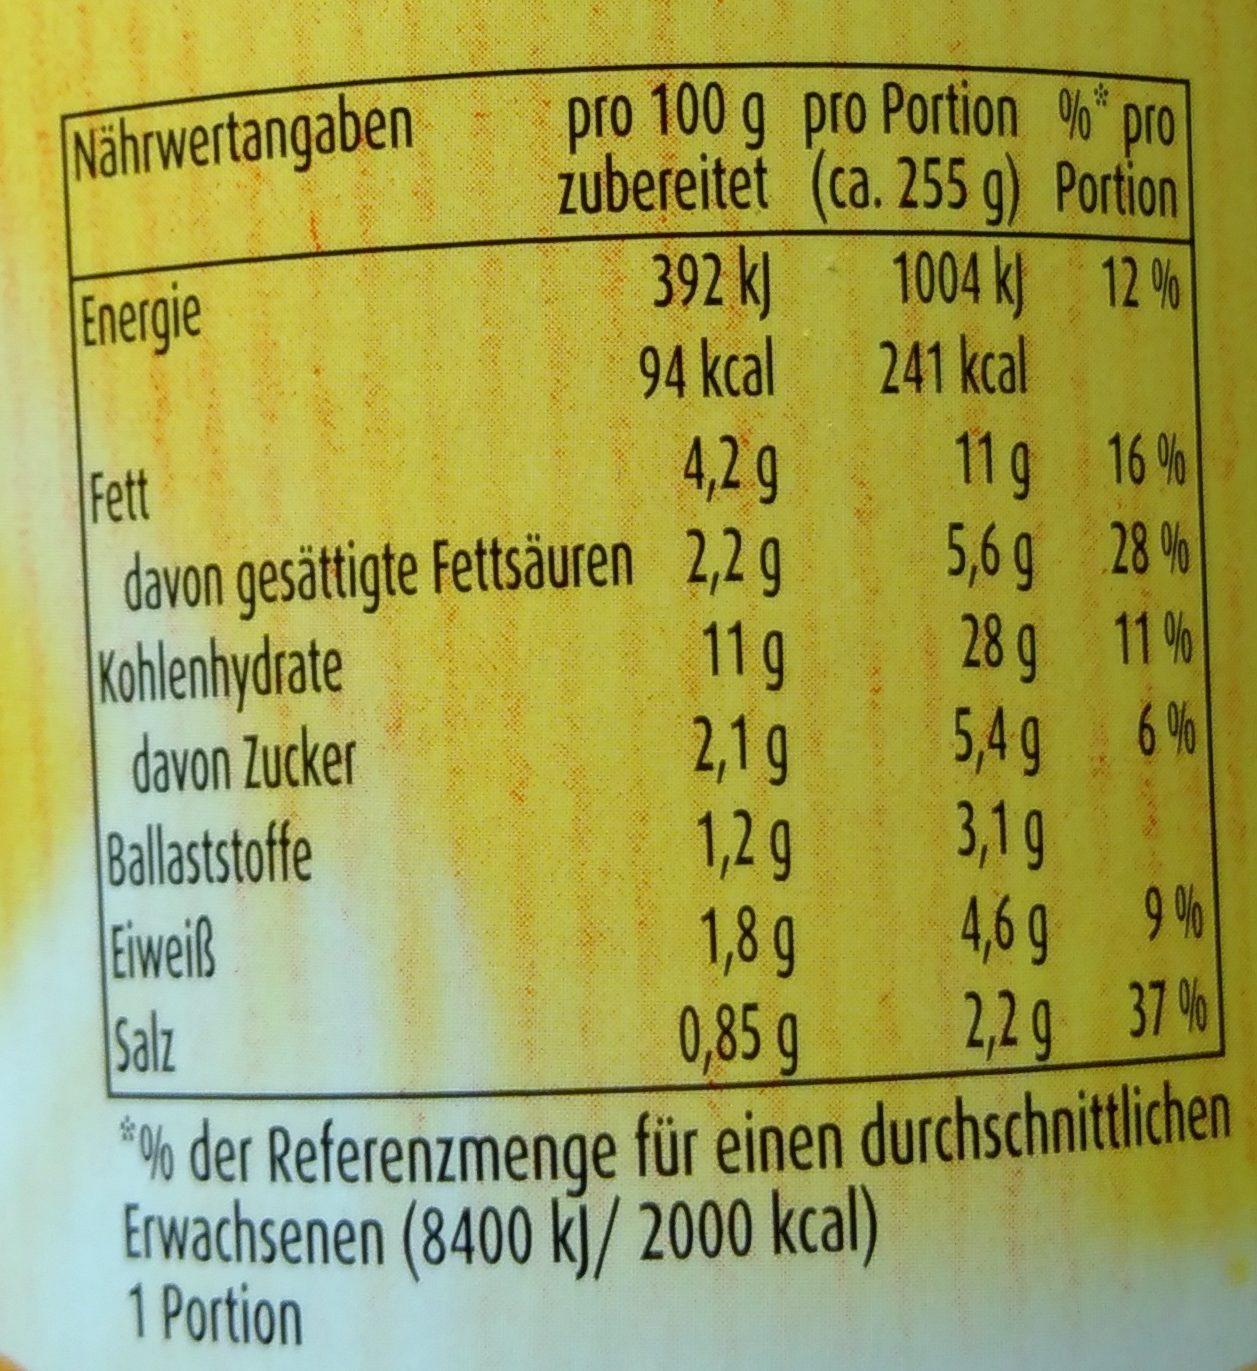 Kartoffel Kcal kartoffel snack röstzwiebel pfanni 56 g 255 g rehydrated